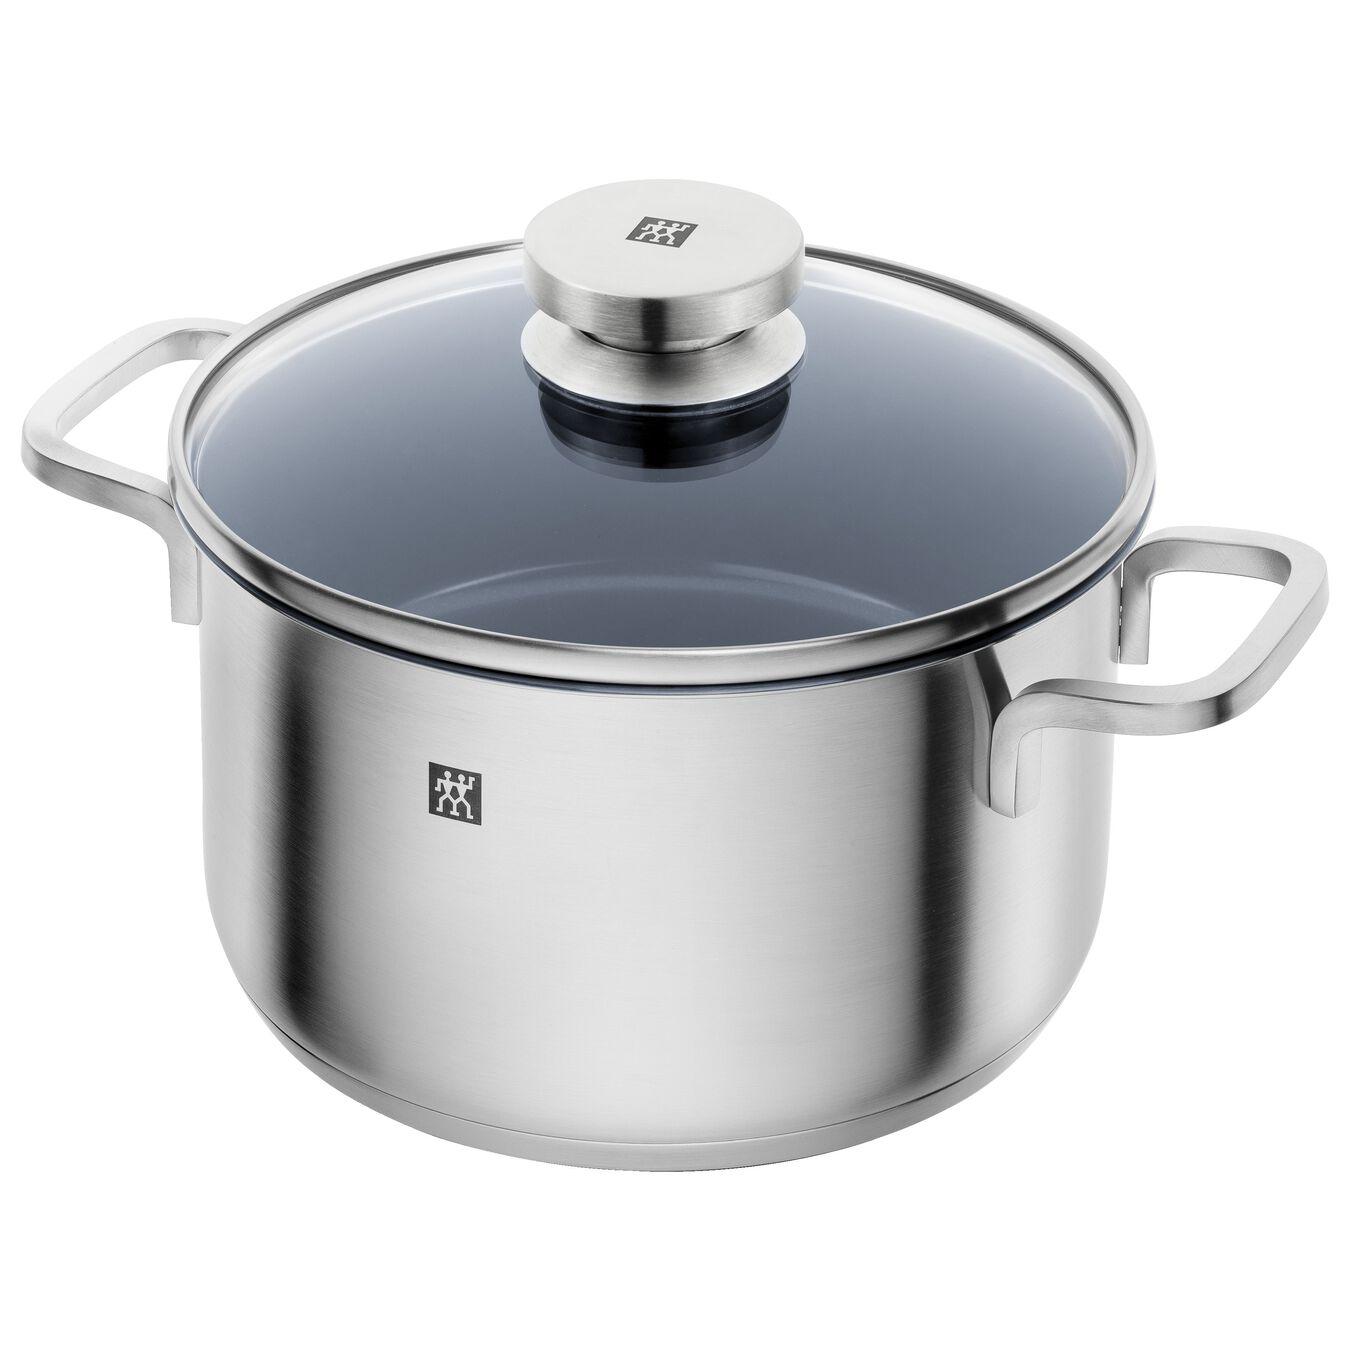 Ensemble de casseroles 3-pcs, Acier inoxydable,,large 11